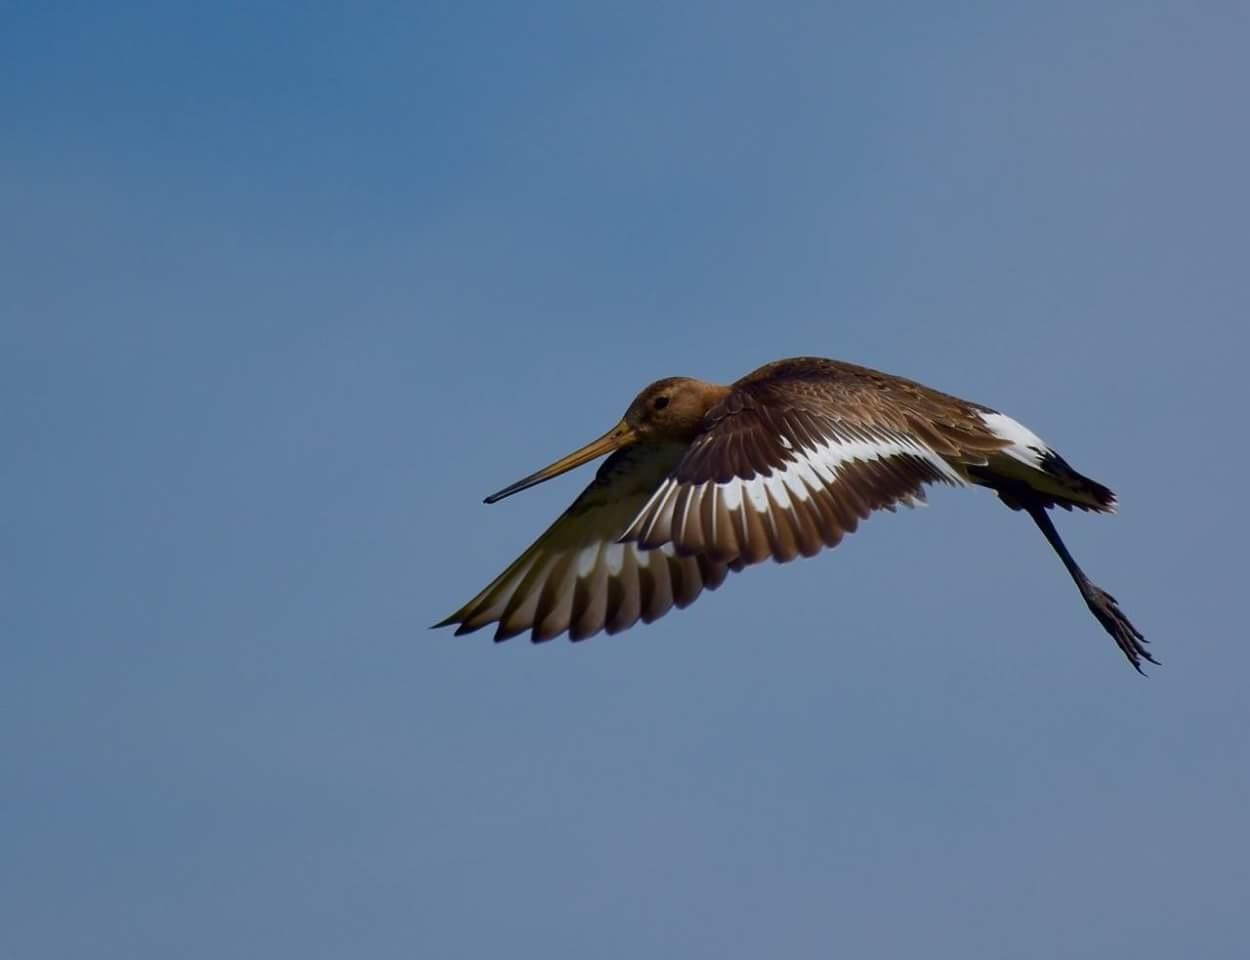 Gruto in de lucht by Jitske Knol